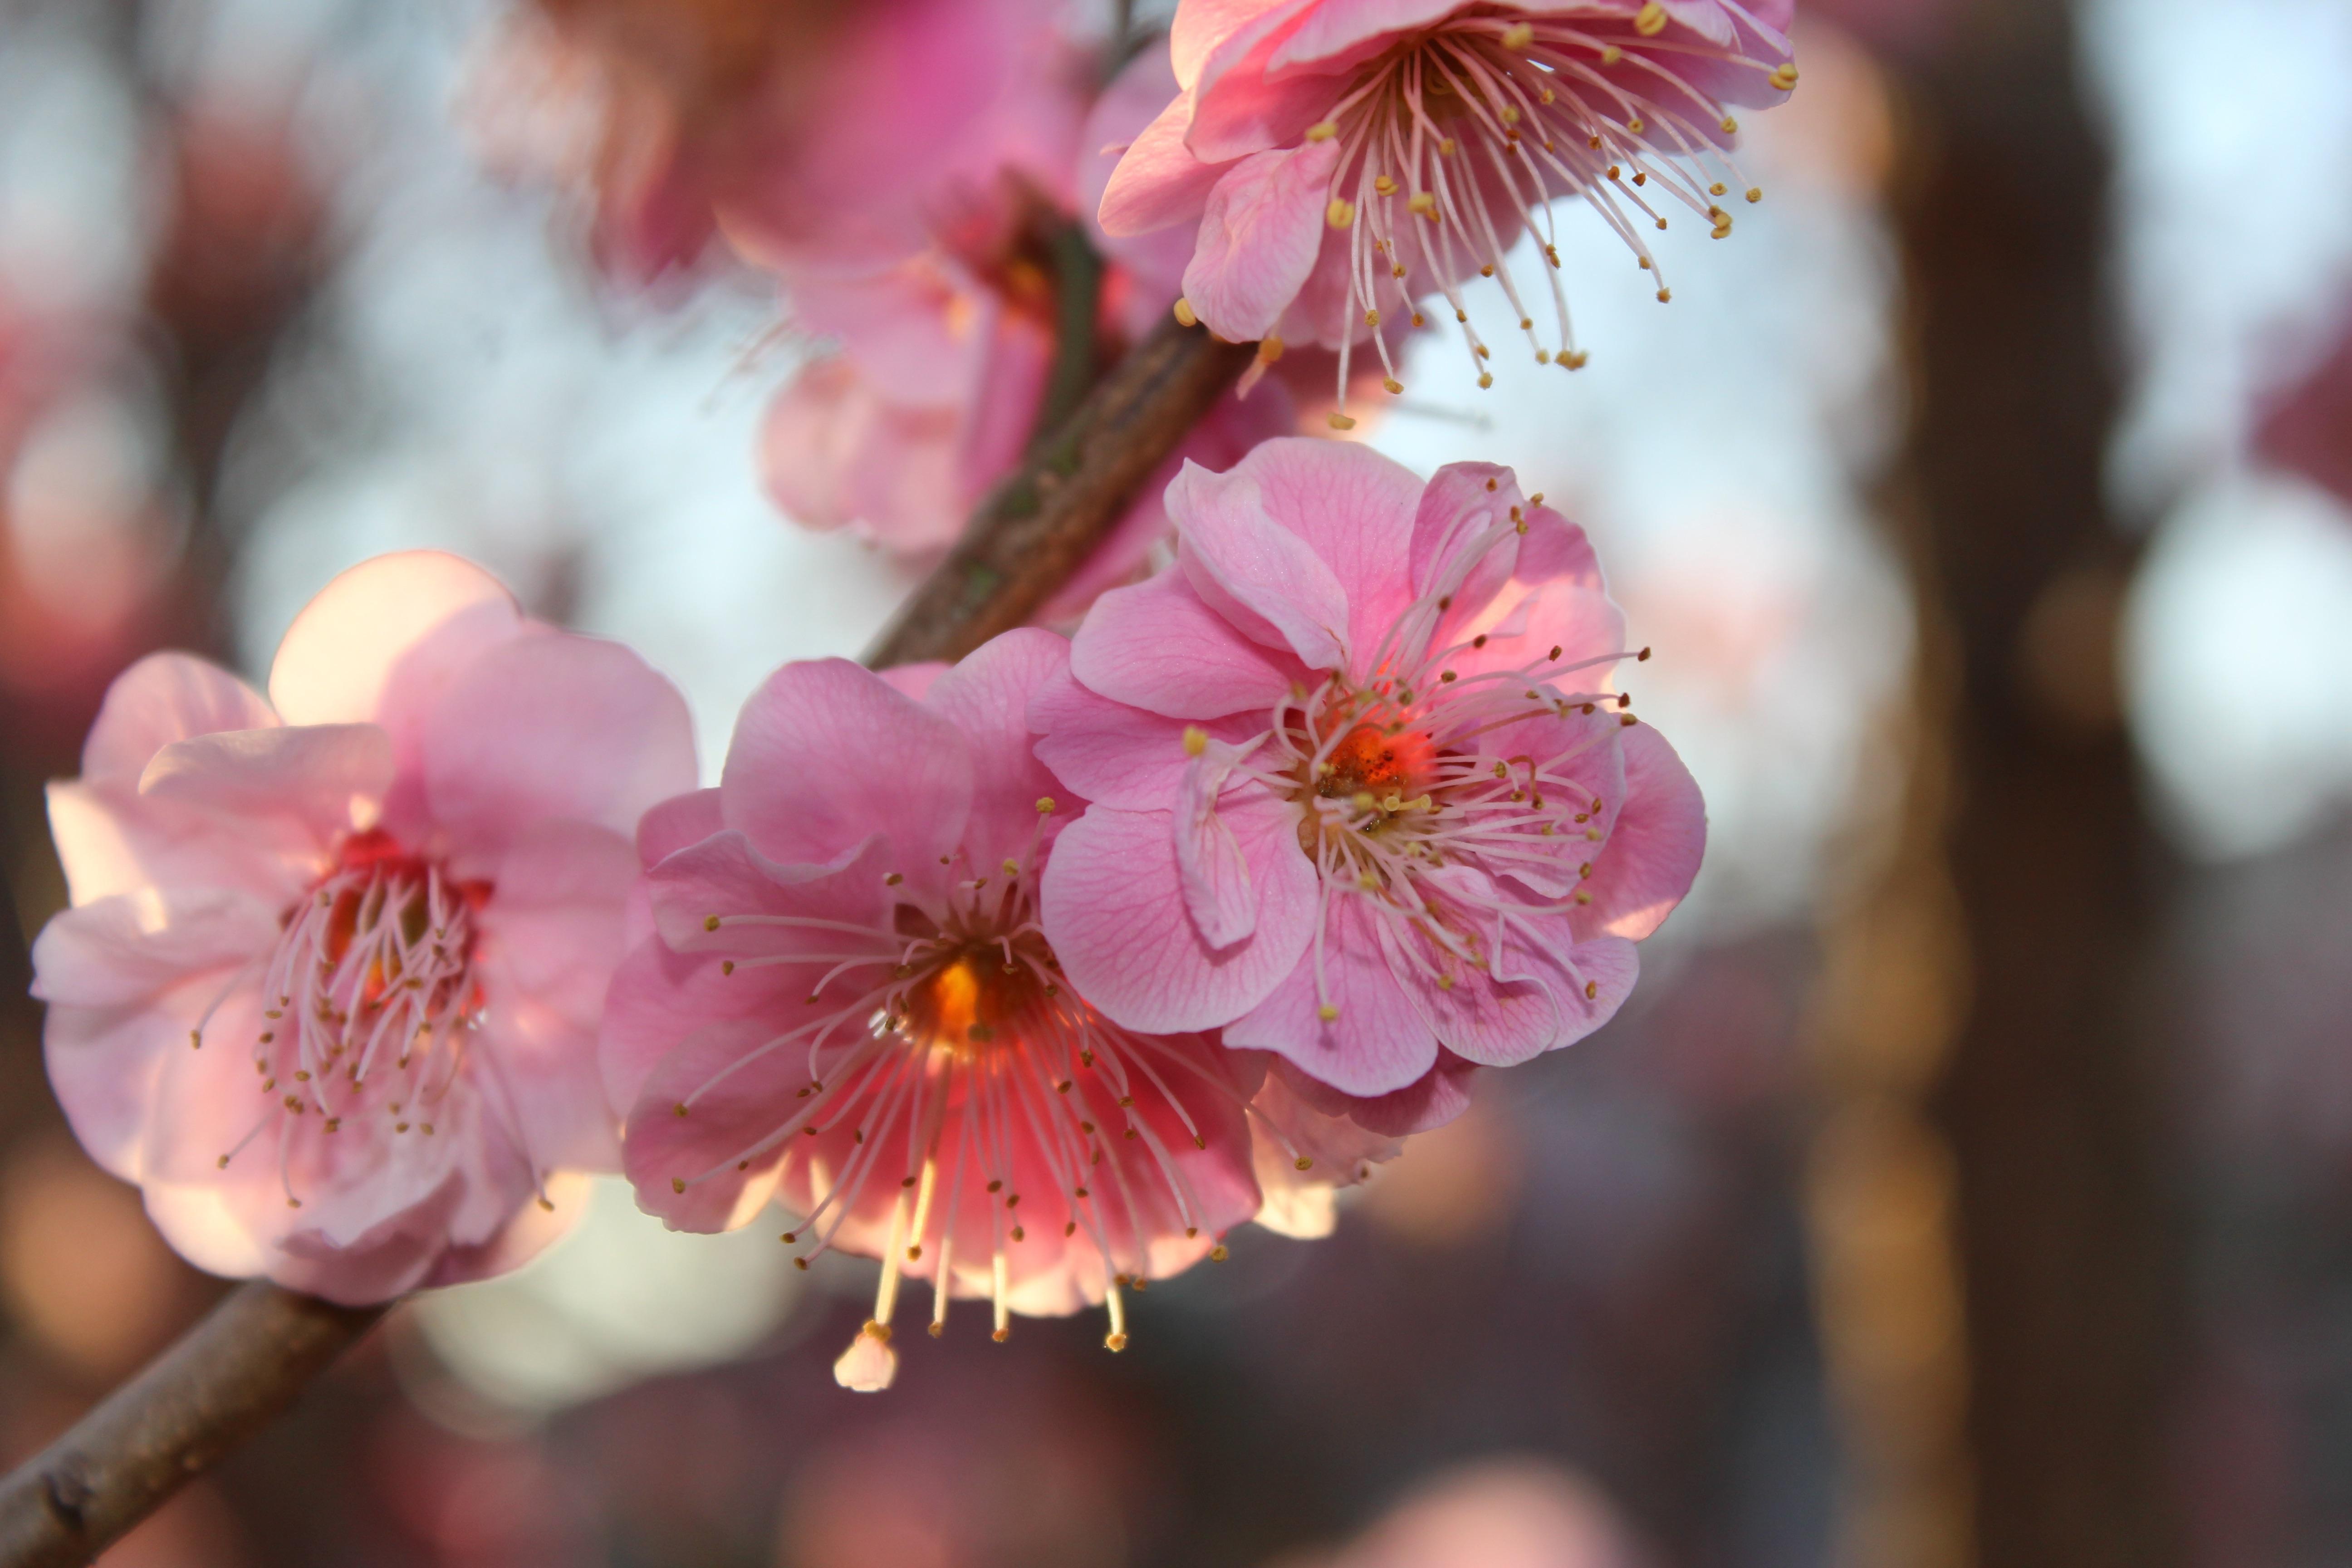 紅梅(こうばい)の花は、今真っ盛りです。